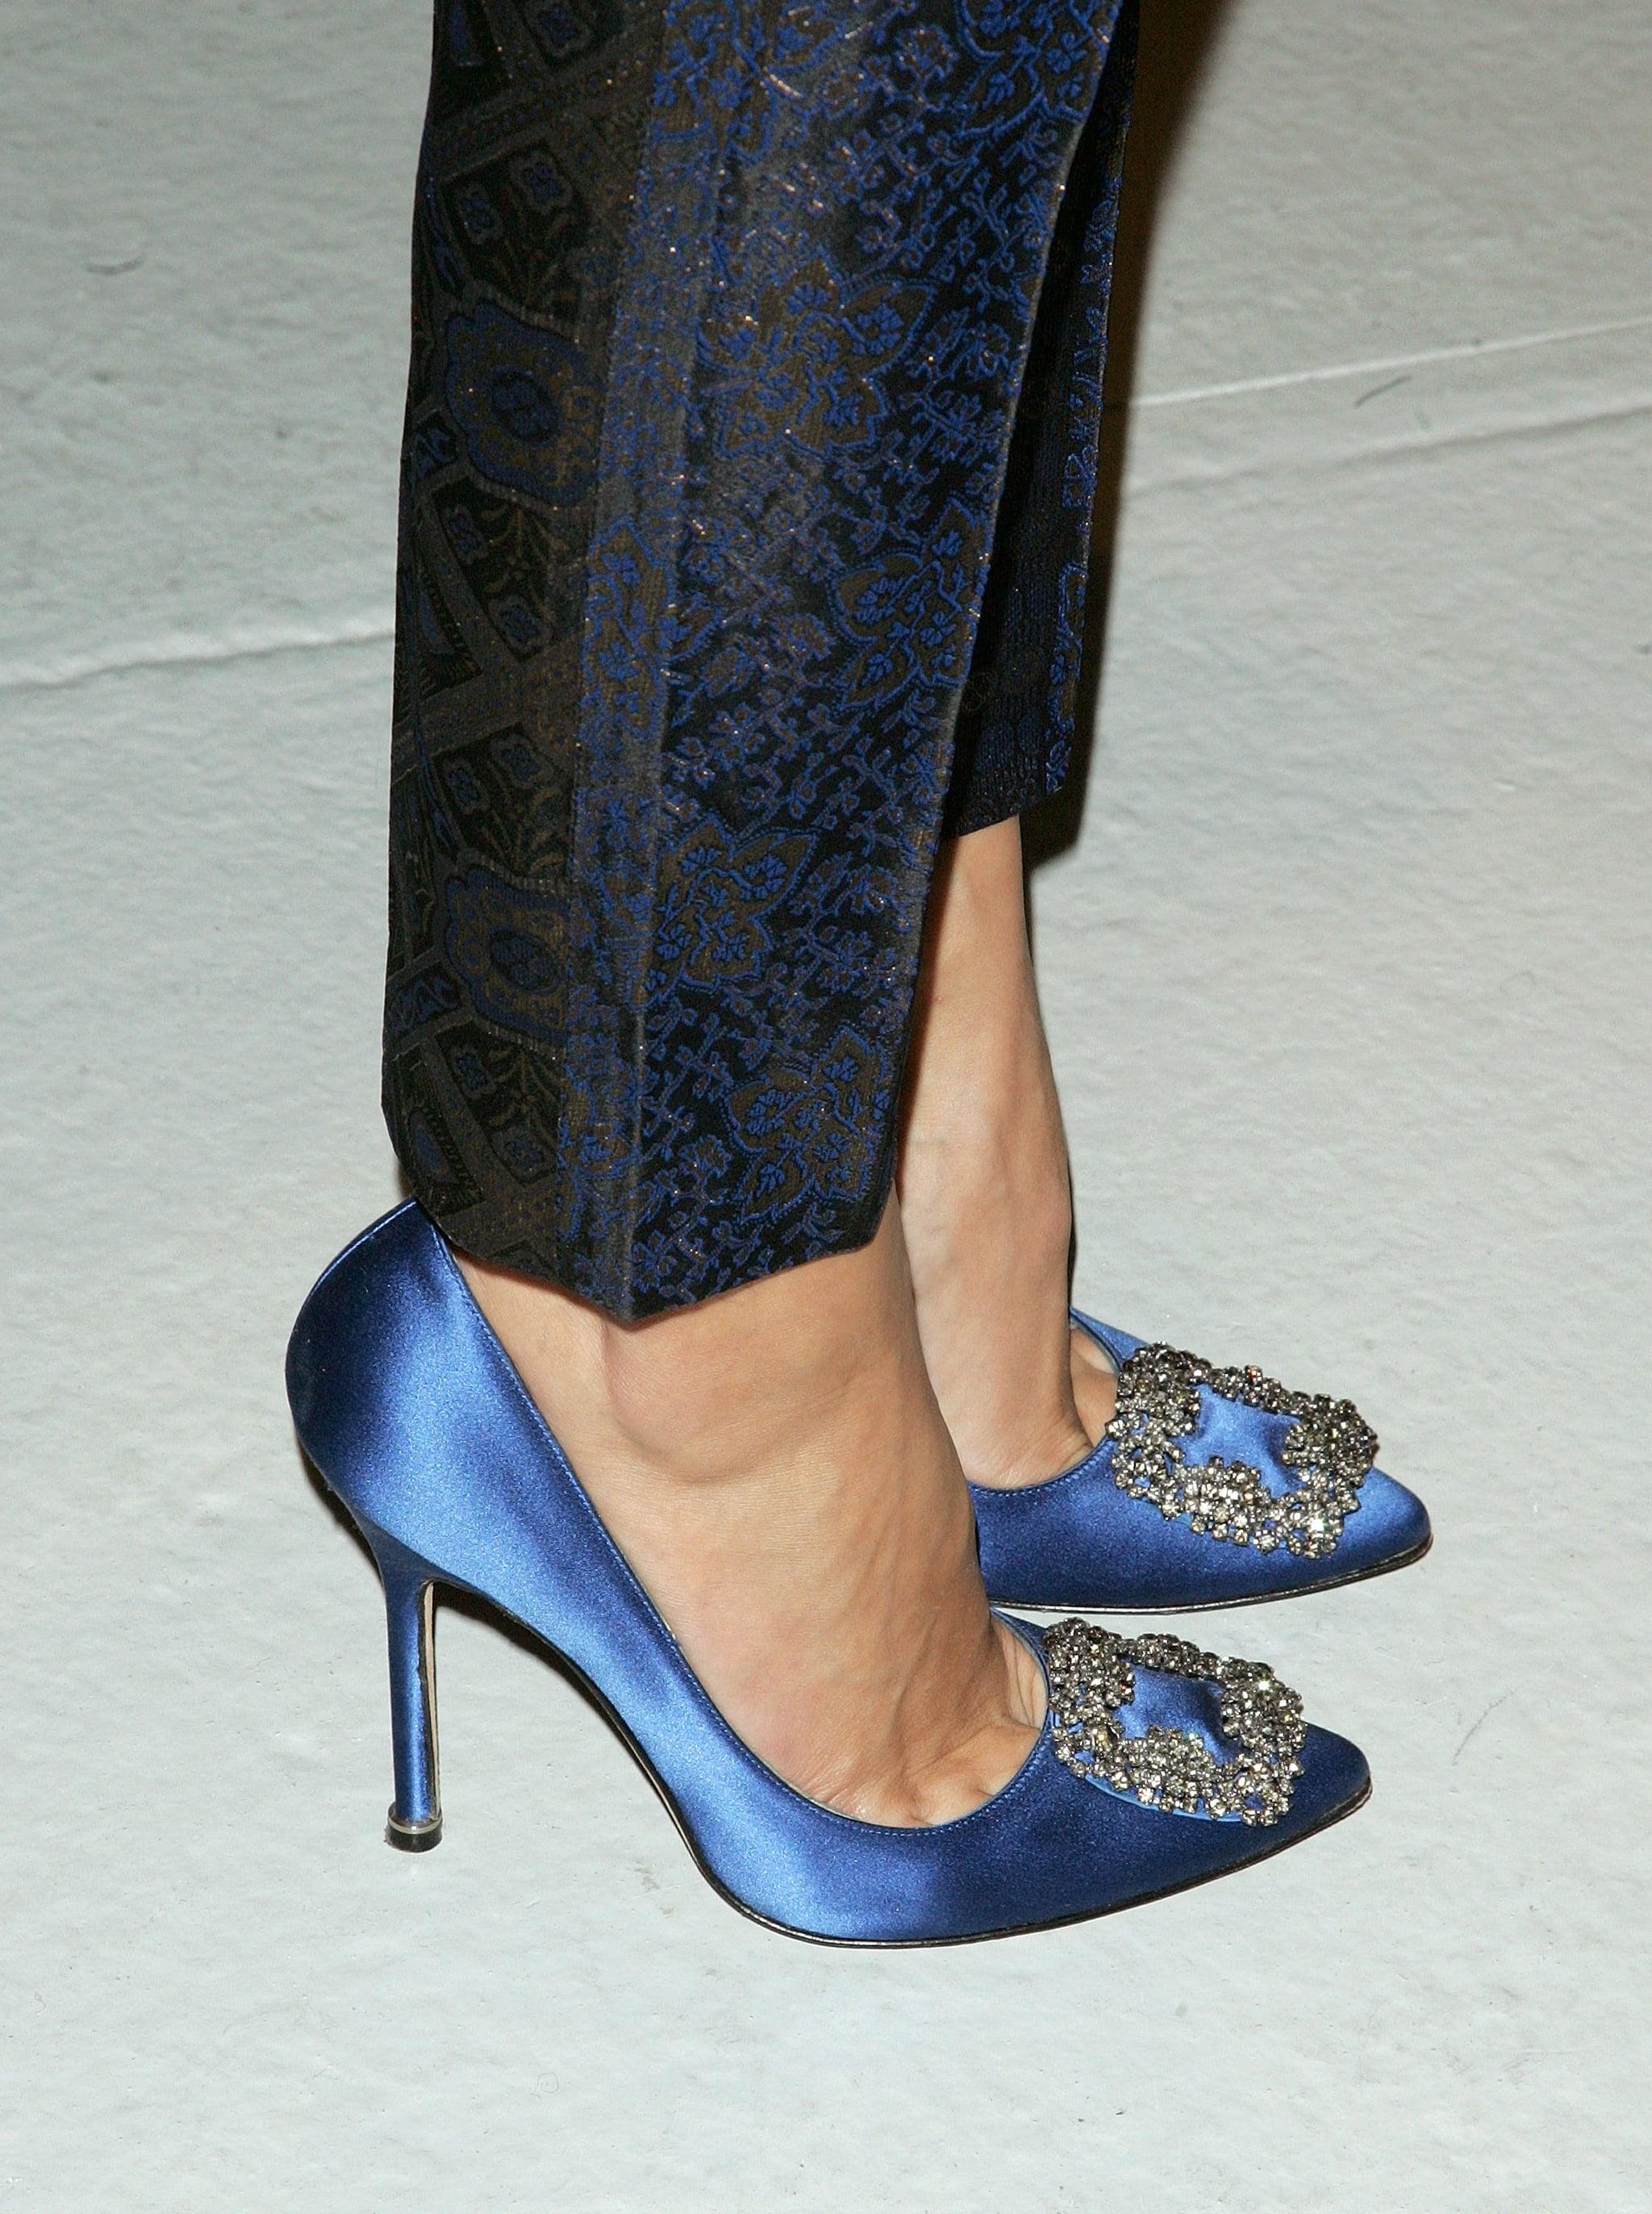 Olivia Palermo Wedding Shoes